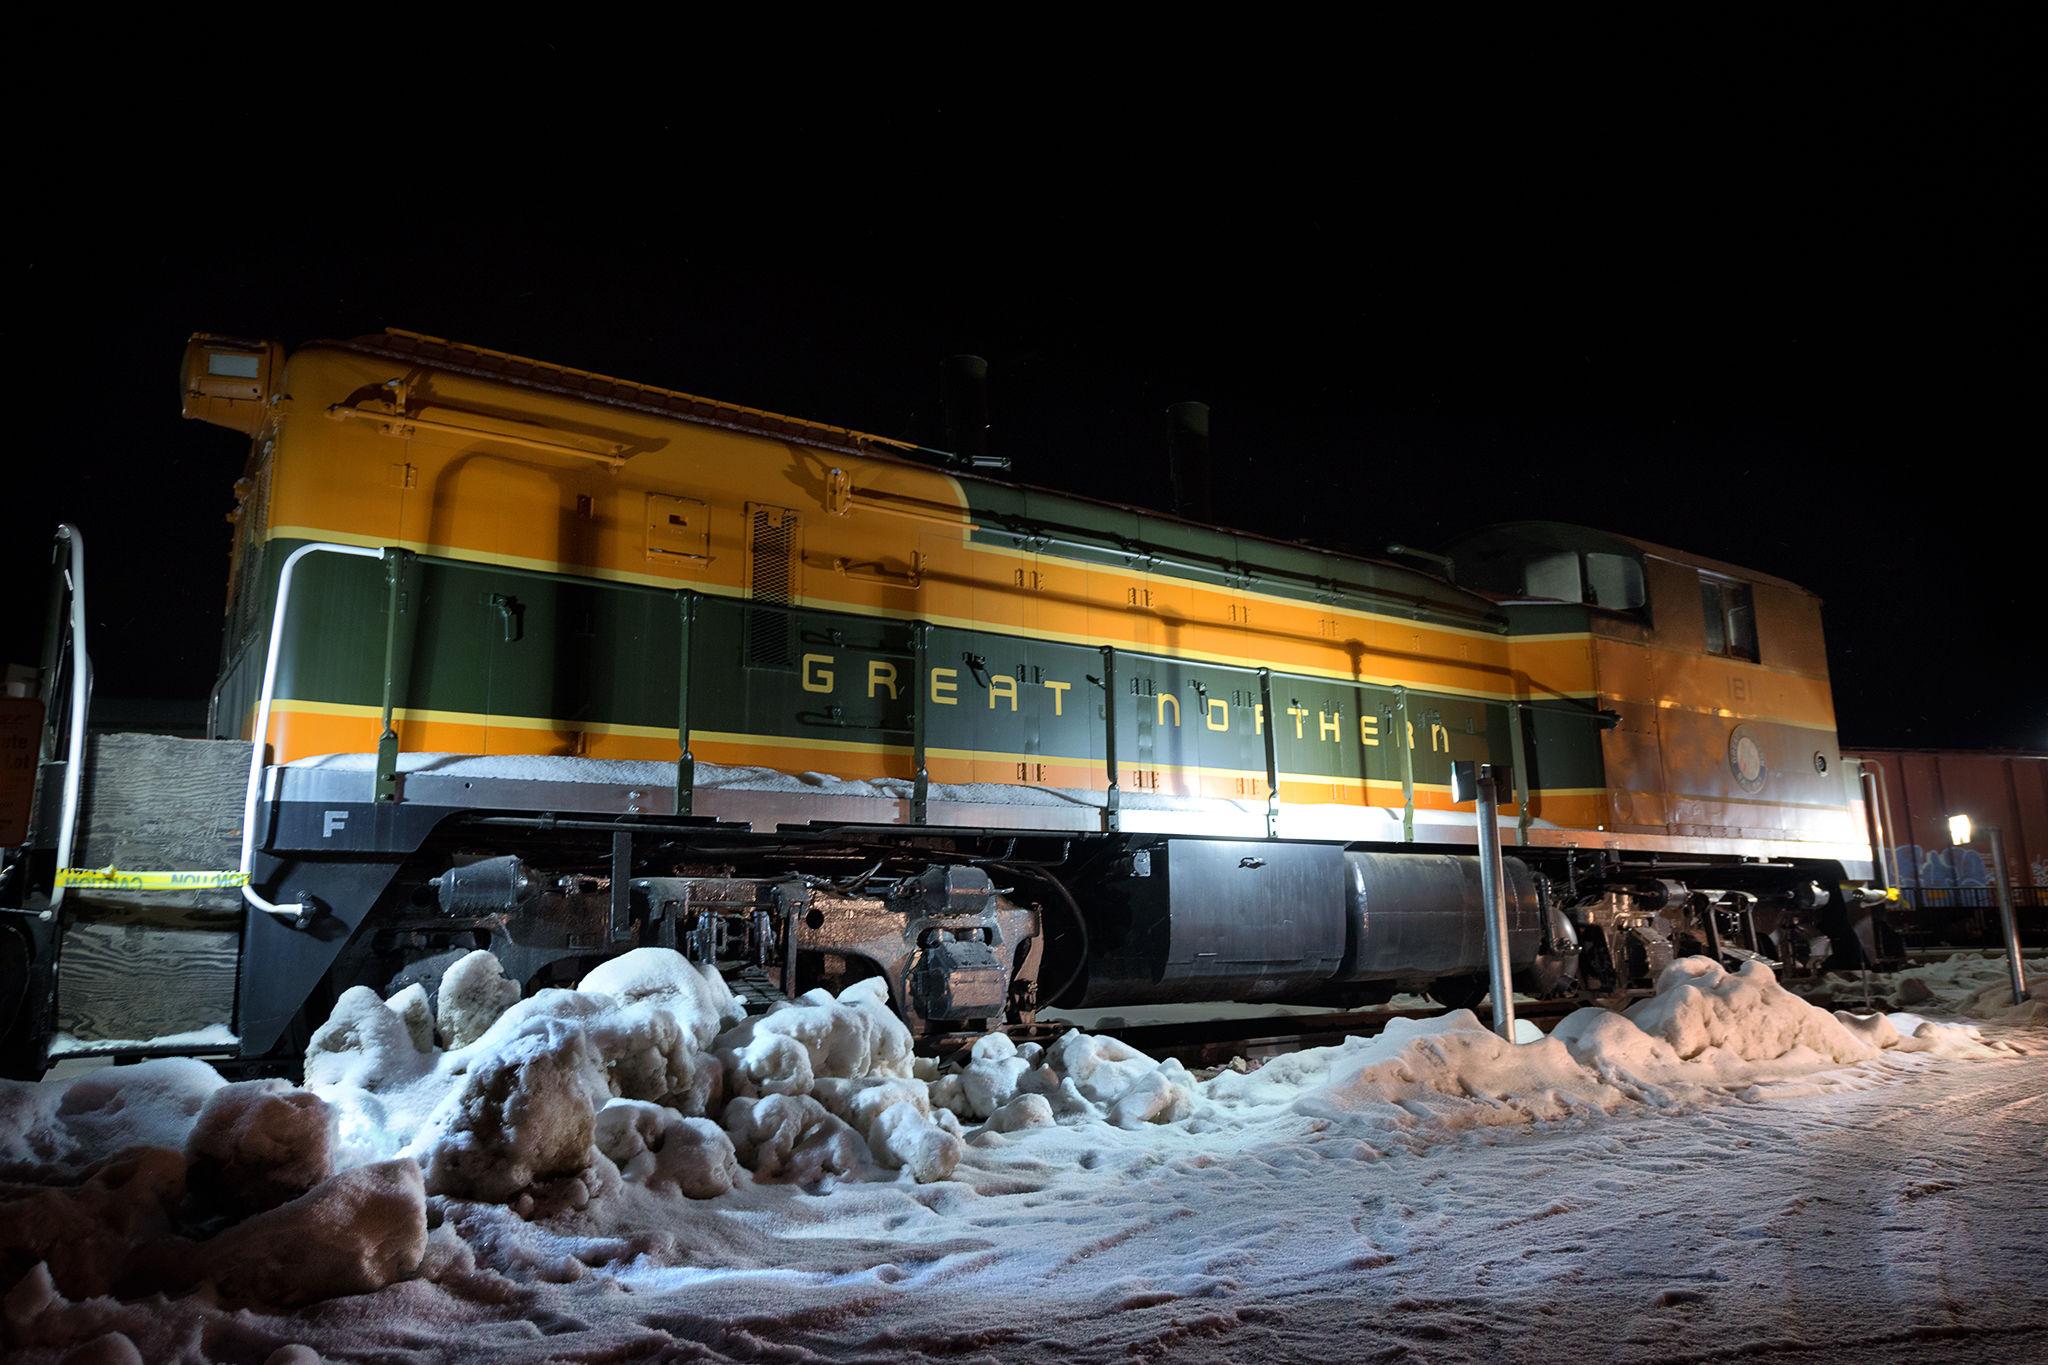 Whitefish train station  empire builder   samantha levang cr7cvc